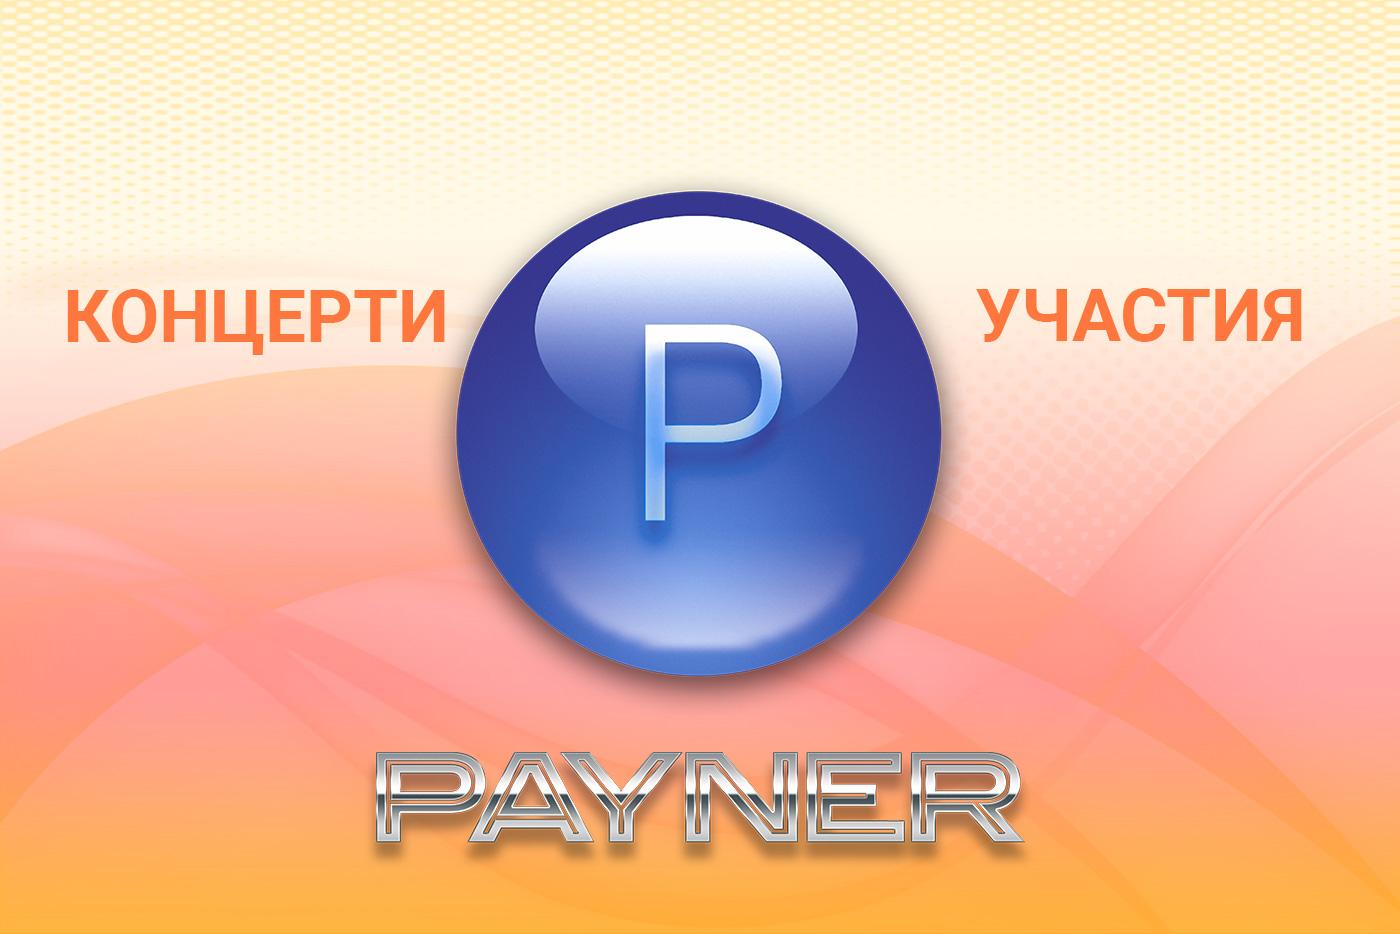 """Участия на звездите на """"Пайнер"""" на 13.09.2019"""